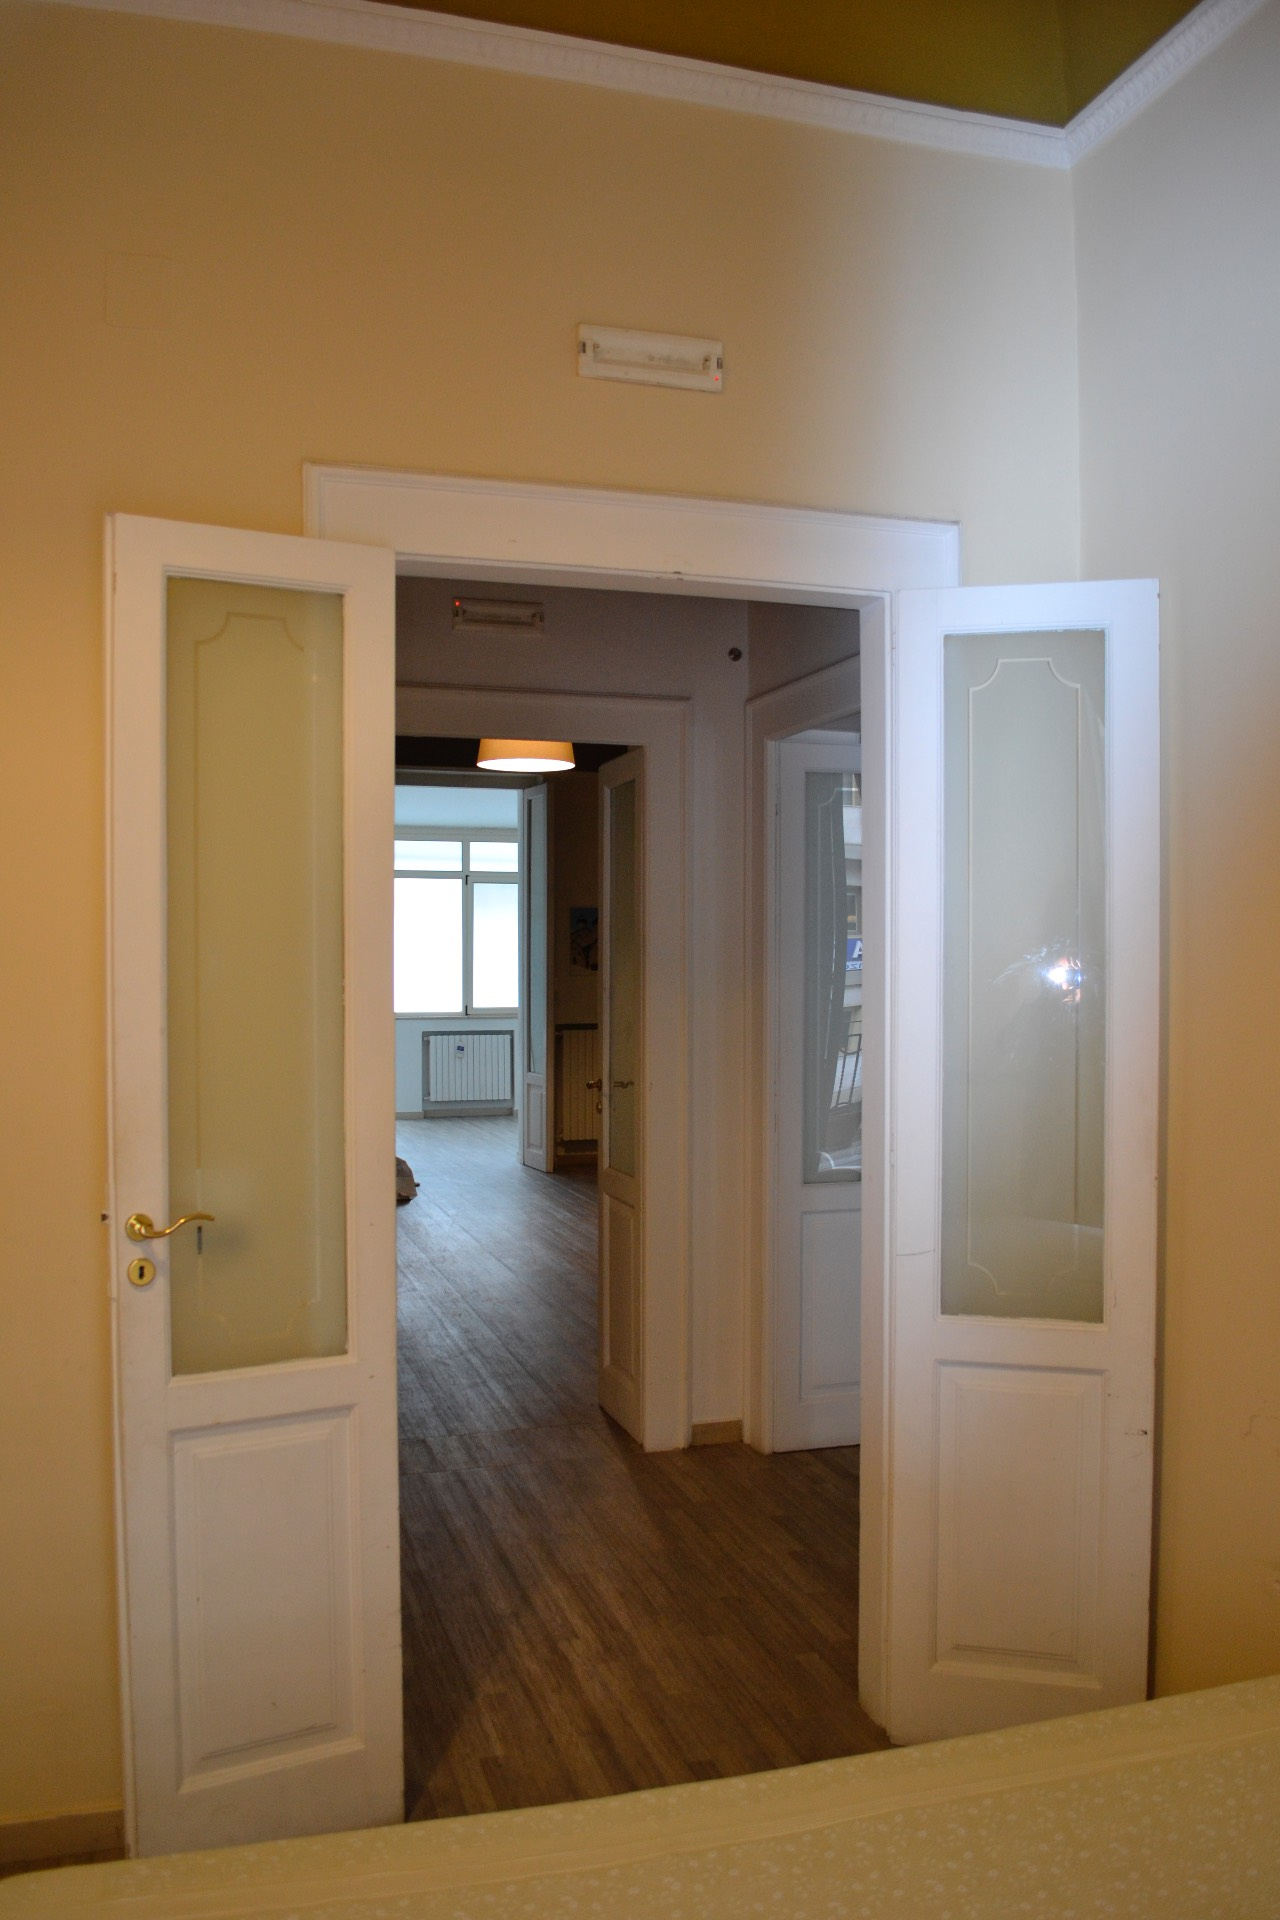 Cbi094 1004 bal011 appartamento in affitto a bari for Appartamento in affitto arredato bari